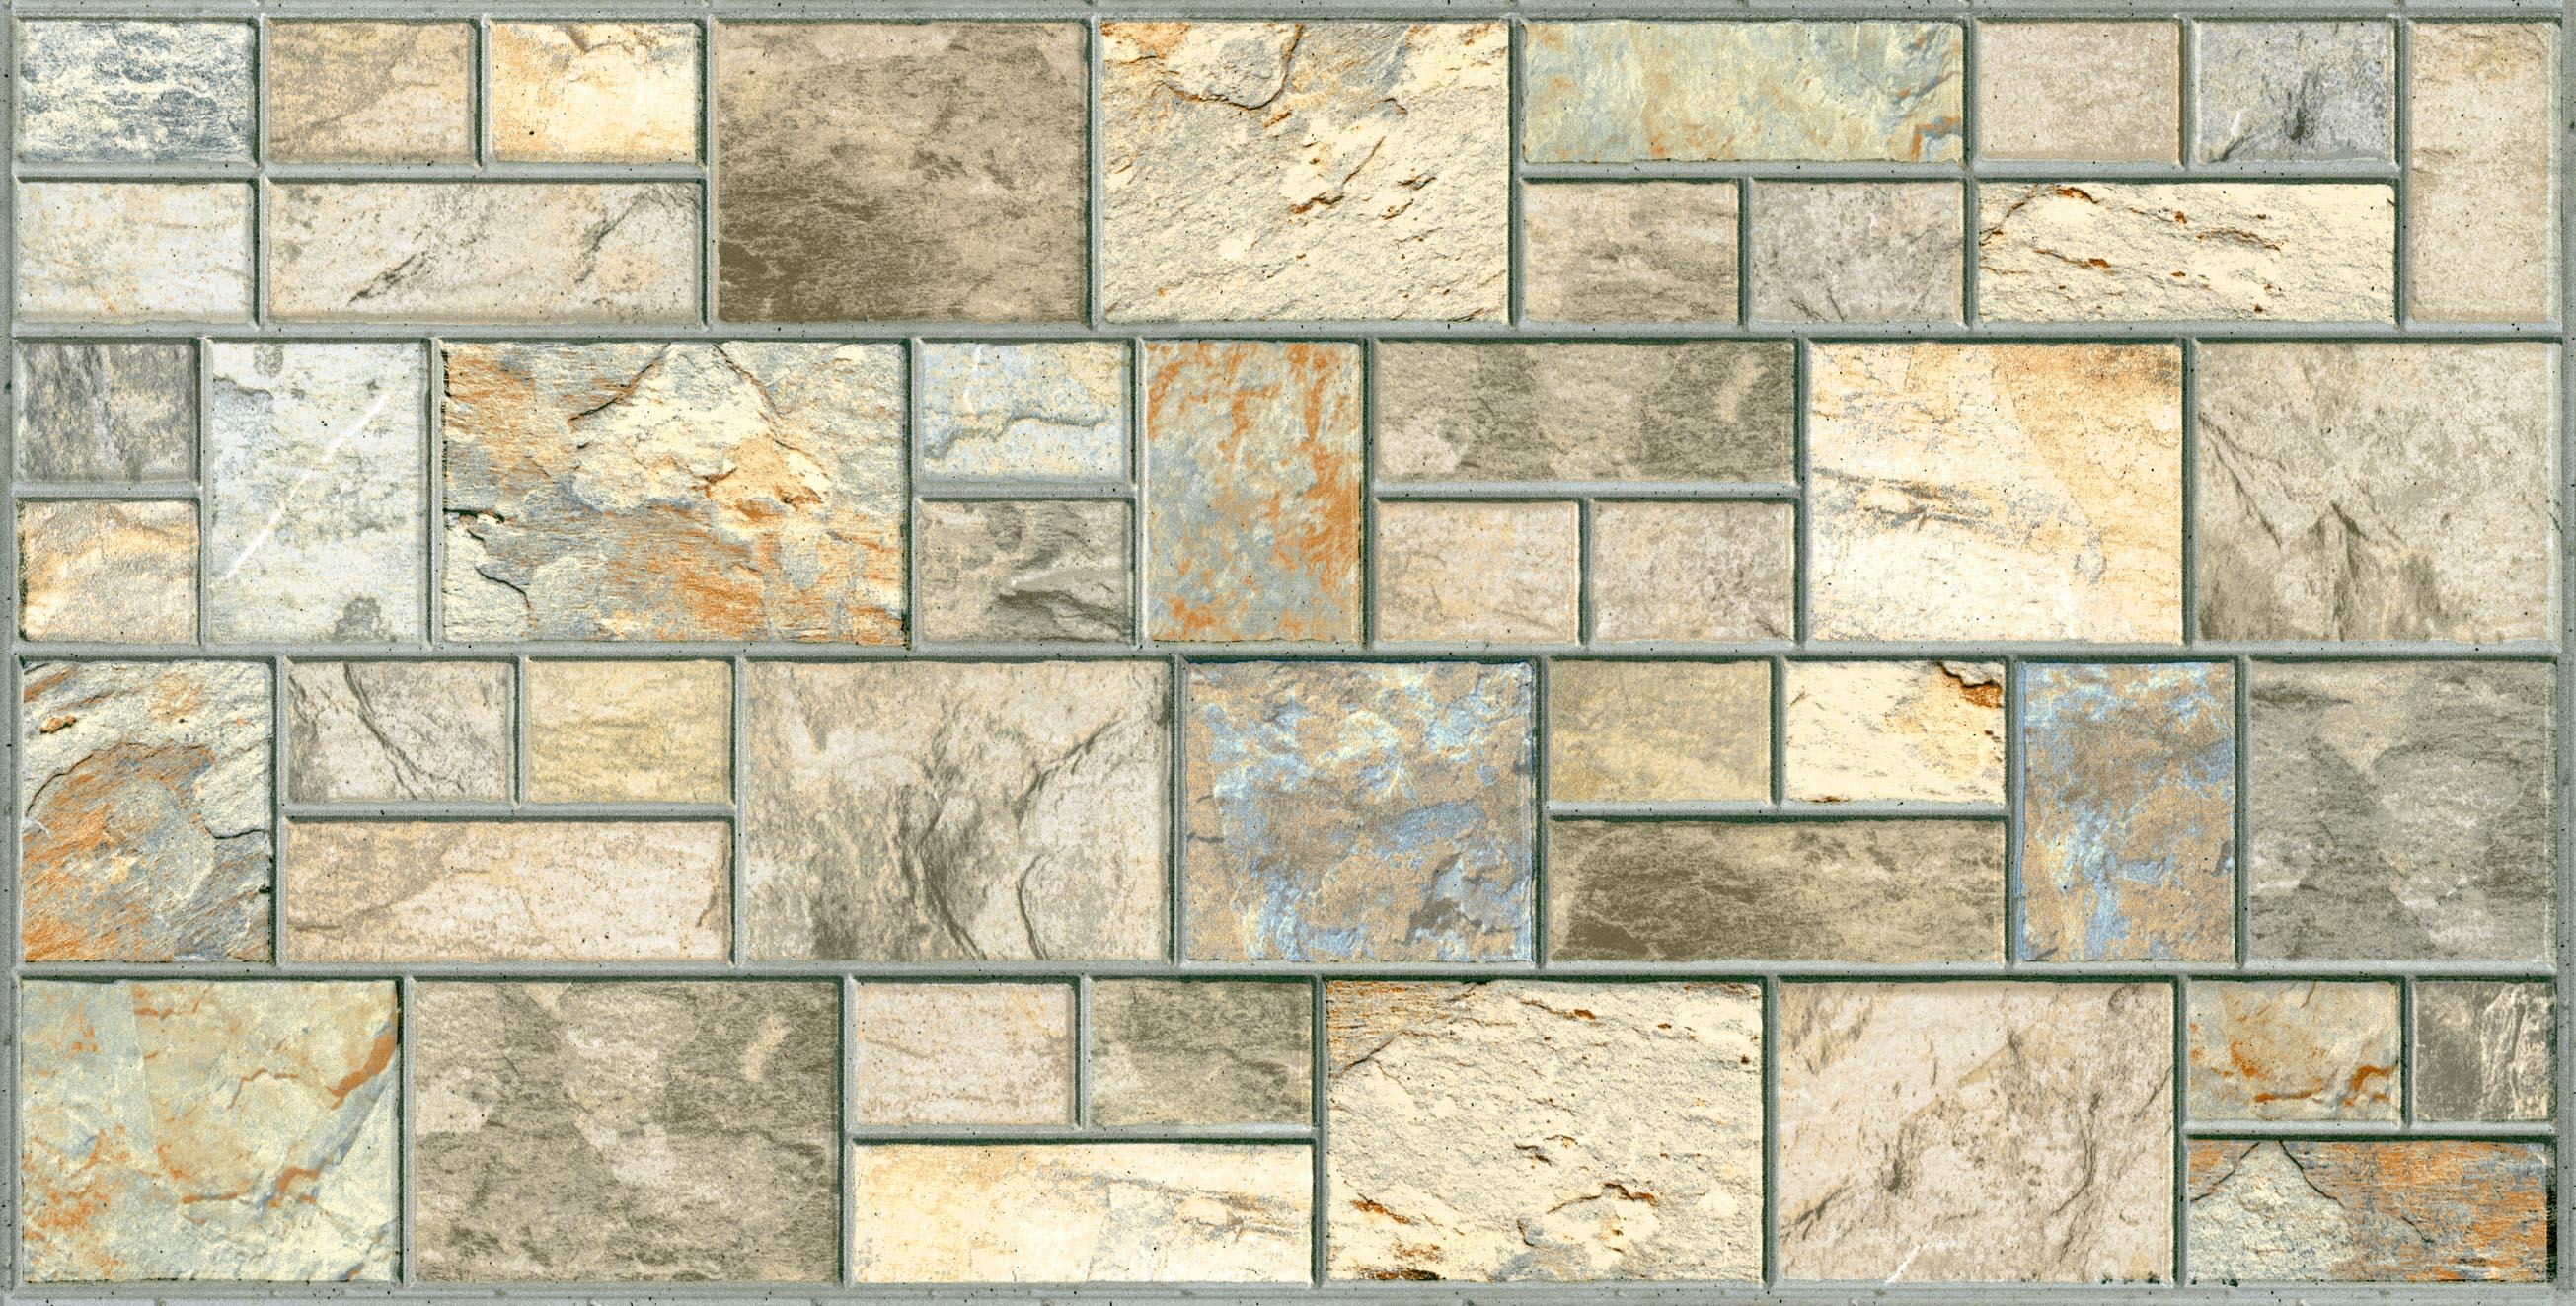 Vì sao nên sử dụng gạch ốp tường ngoài trời?